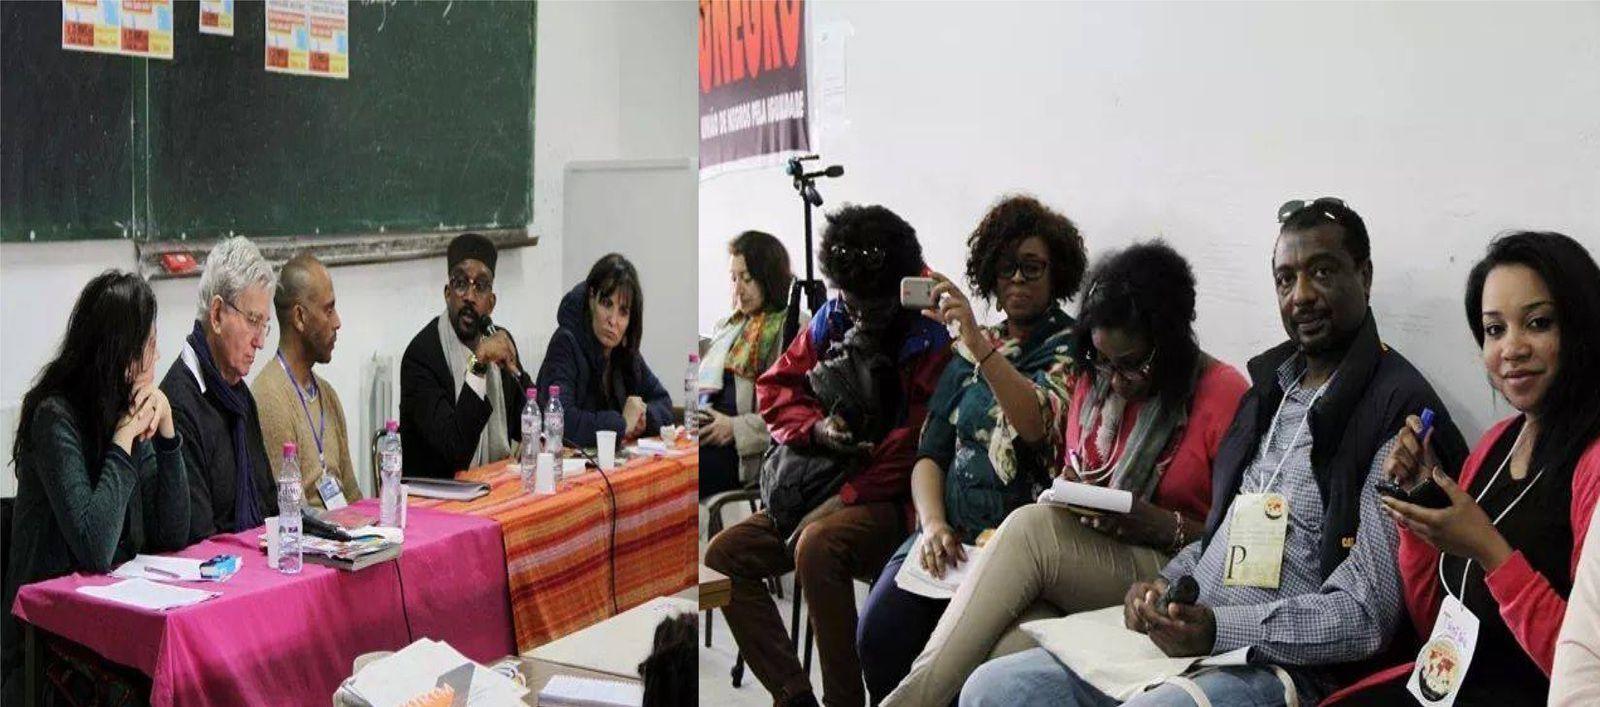 Tunisie: l'Appel à un débat national du Collectif tunisien pour l'égalité et contre le racisme